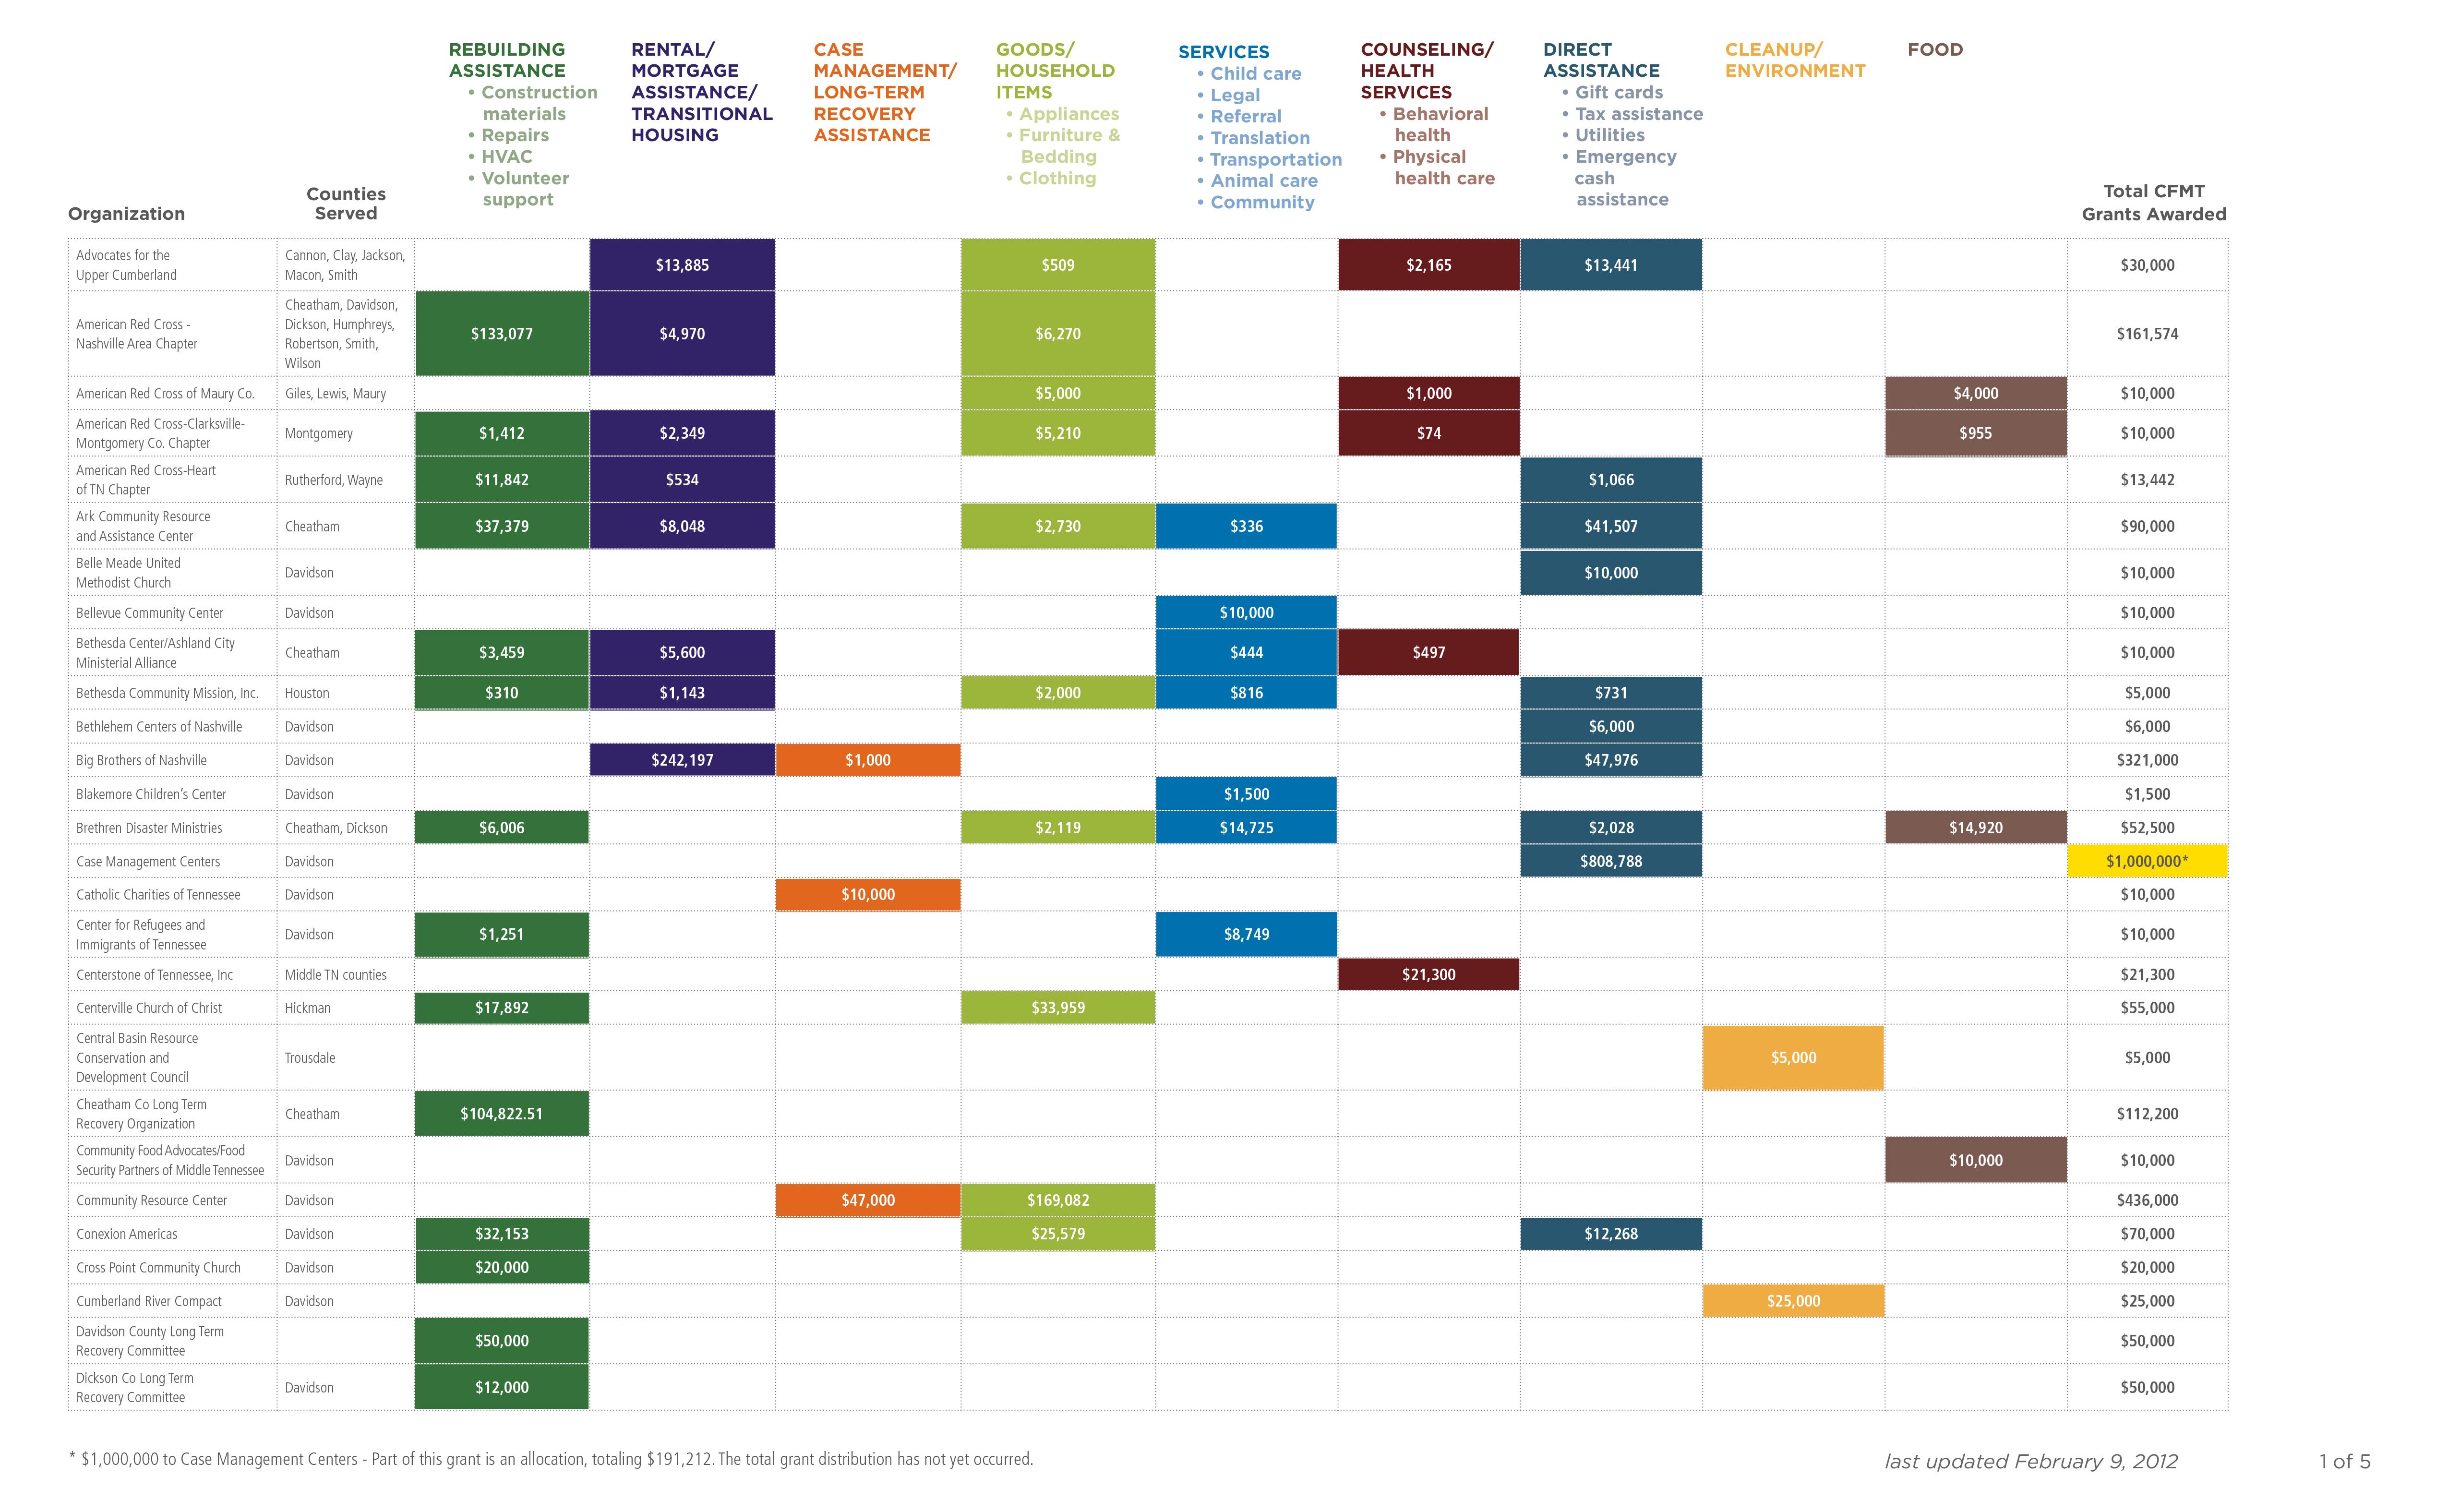 2012_Grantee_Chart_Broad_Categories_2